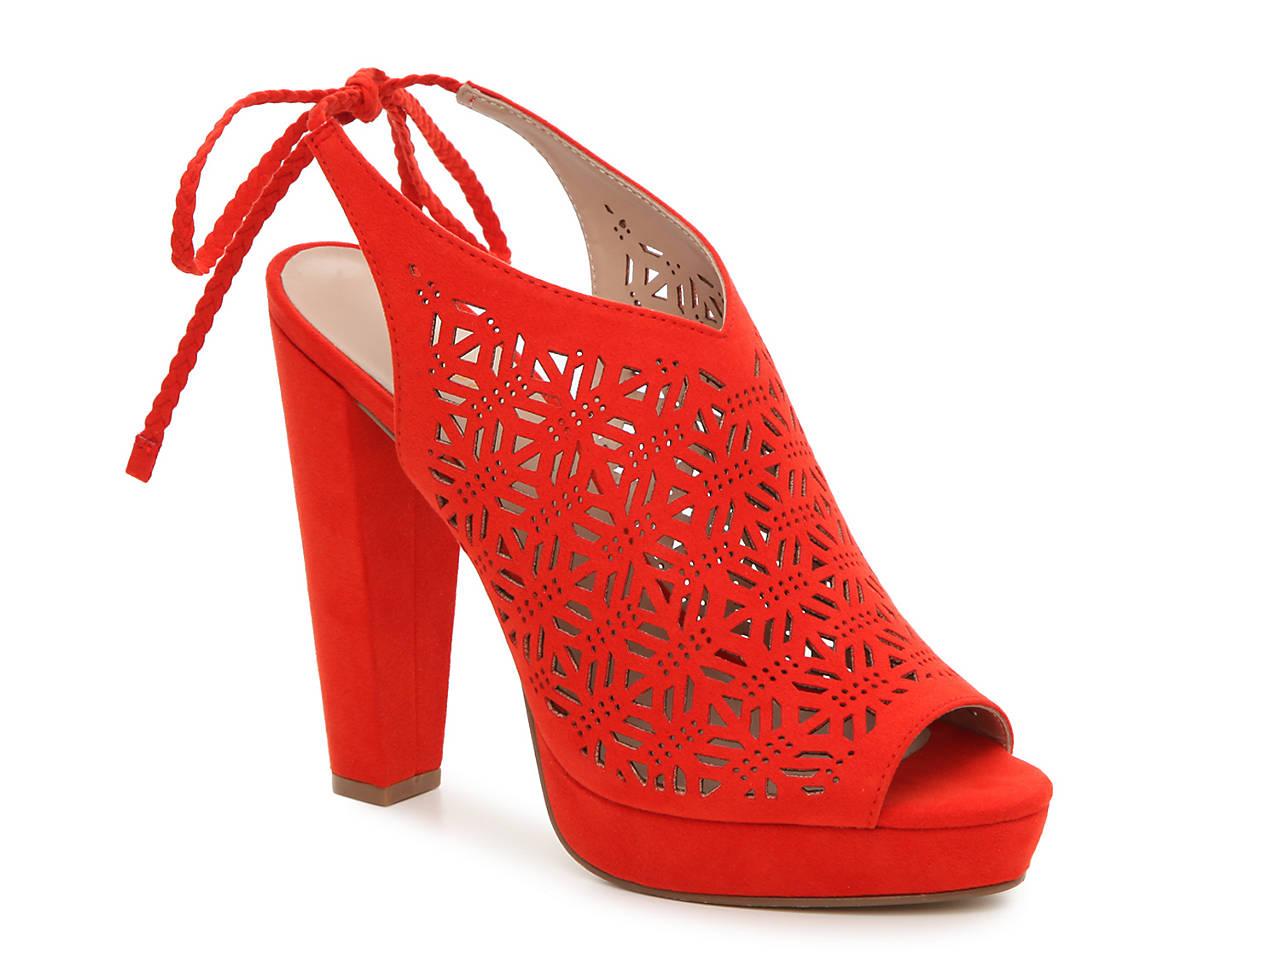 88c59a7bc877 Aldo Spardinas Sandal Women s Shoes